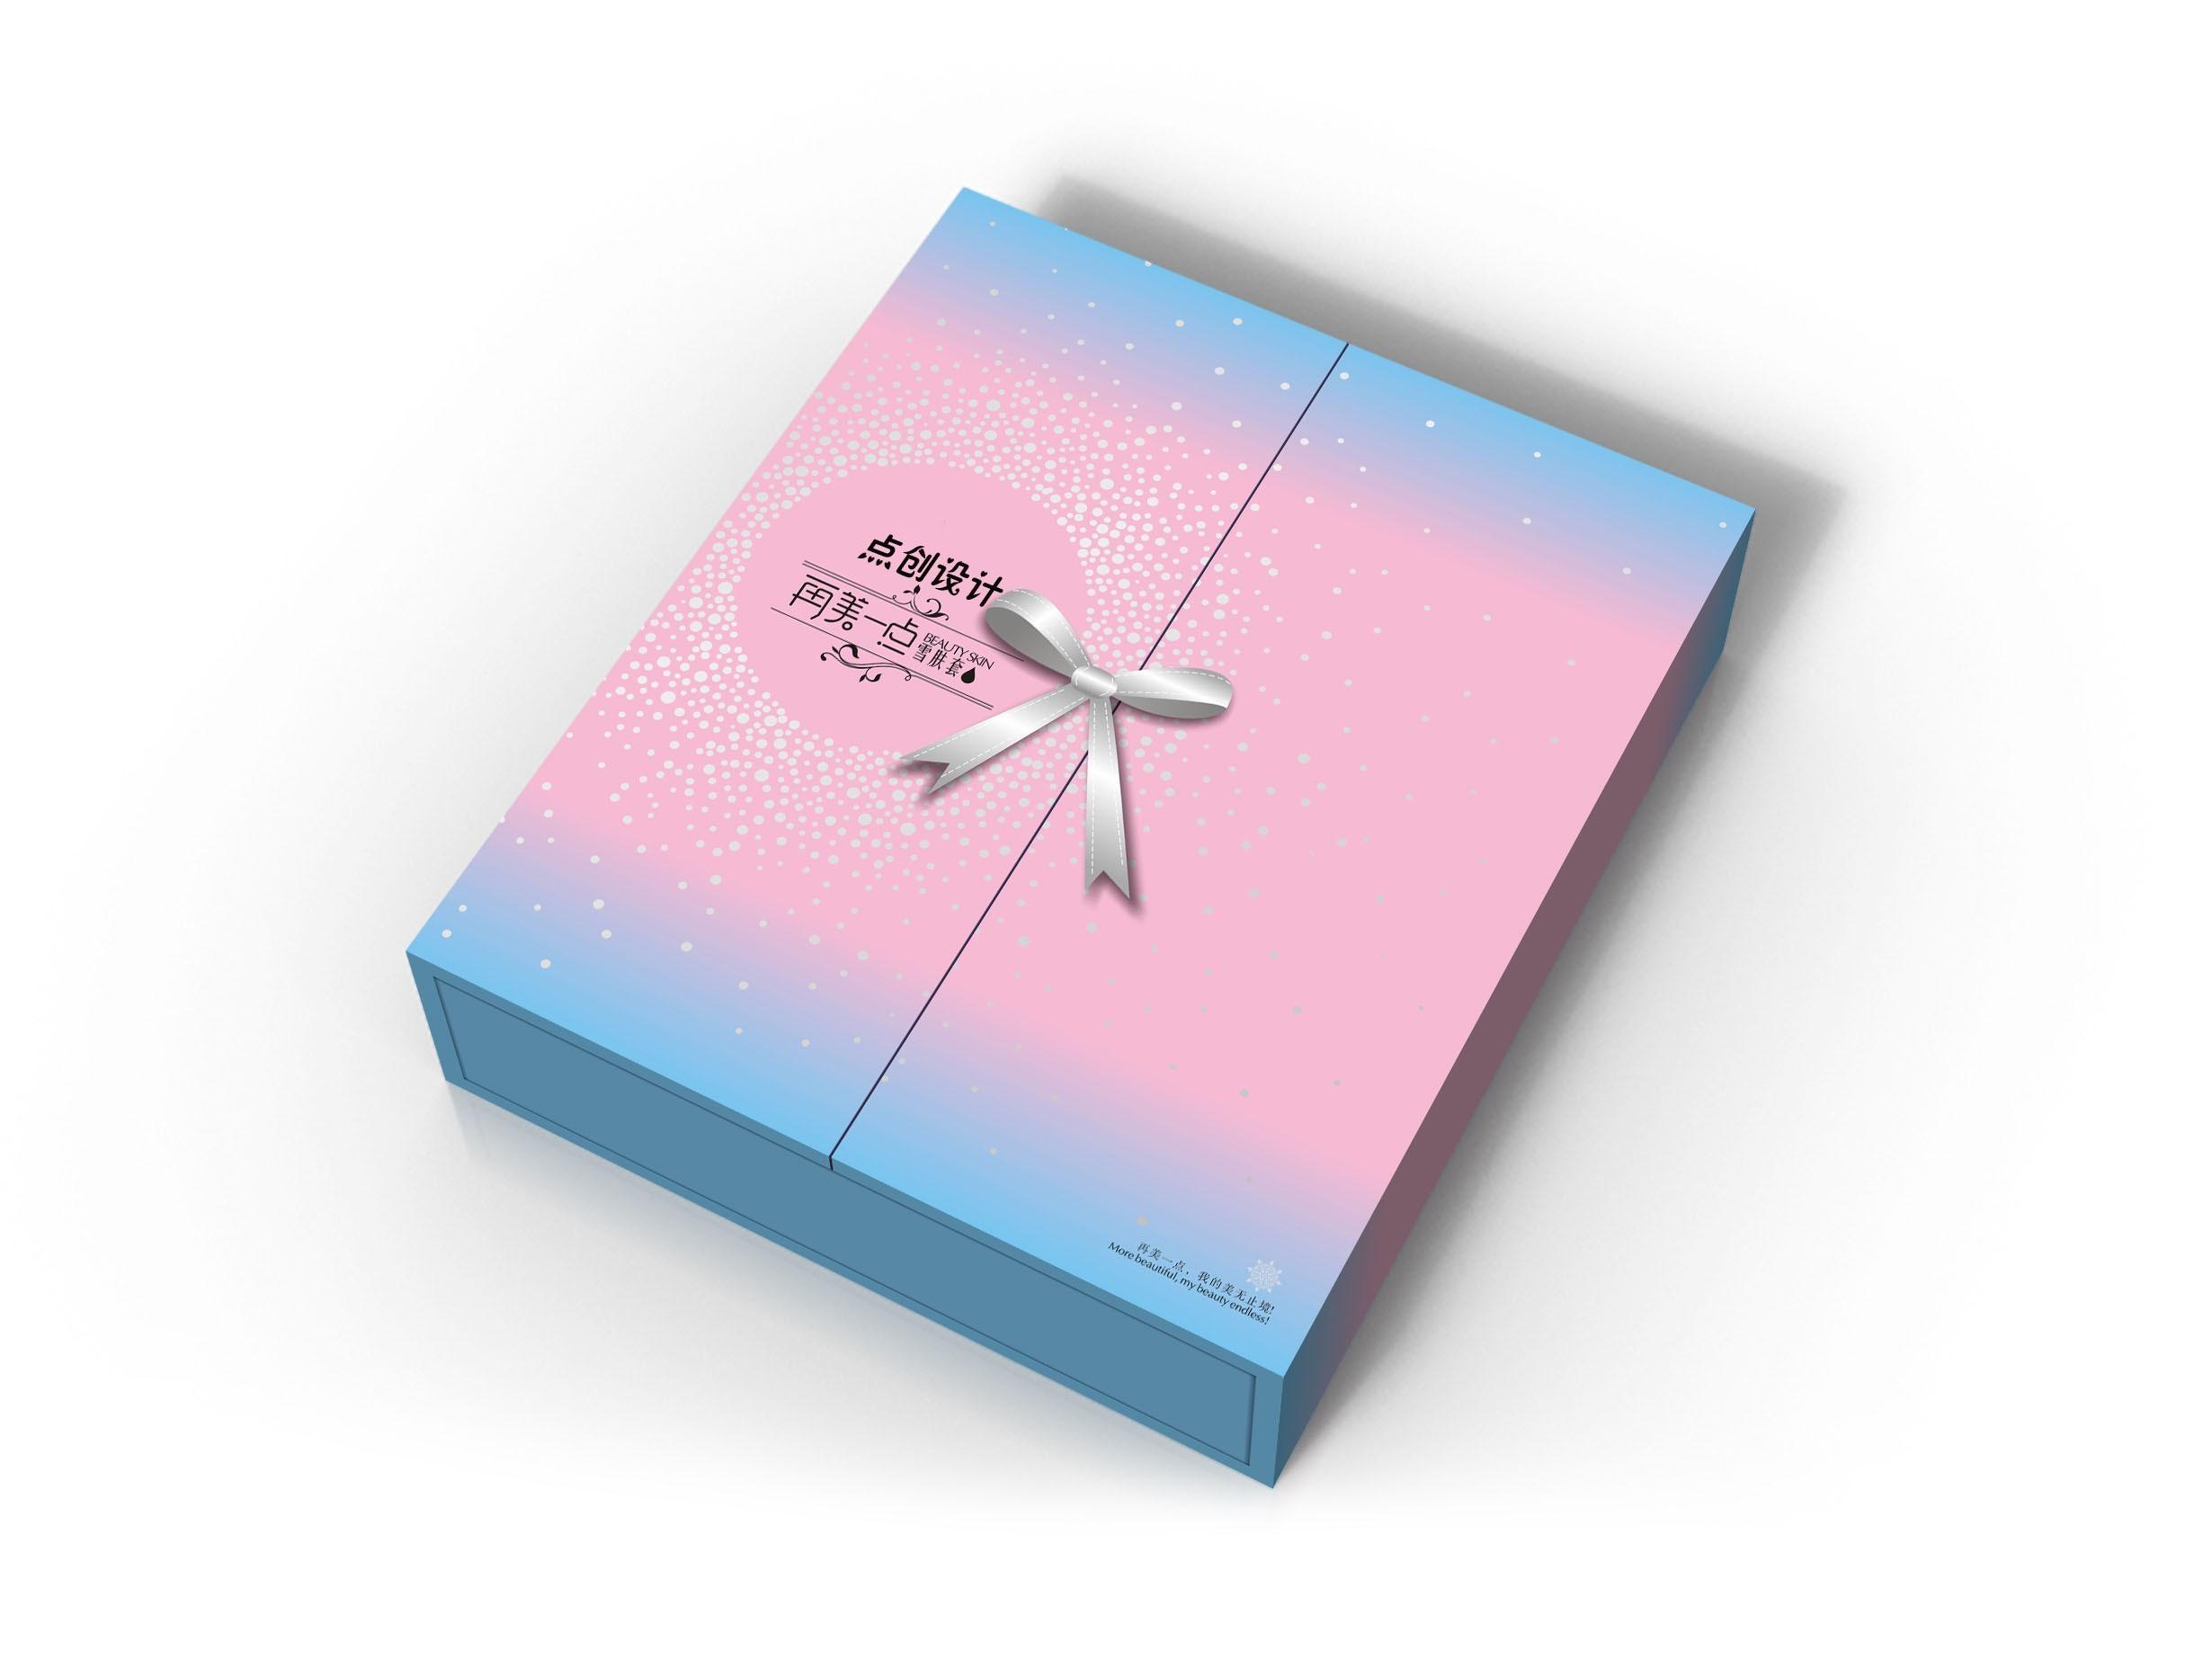 化妆品包装盒设计如何体现其美感